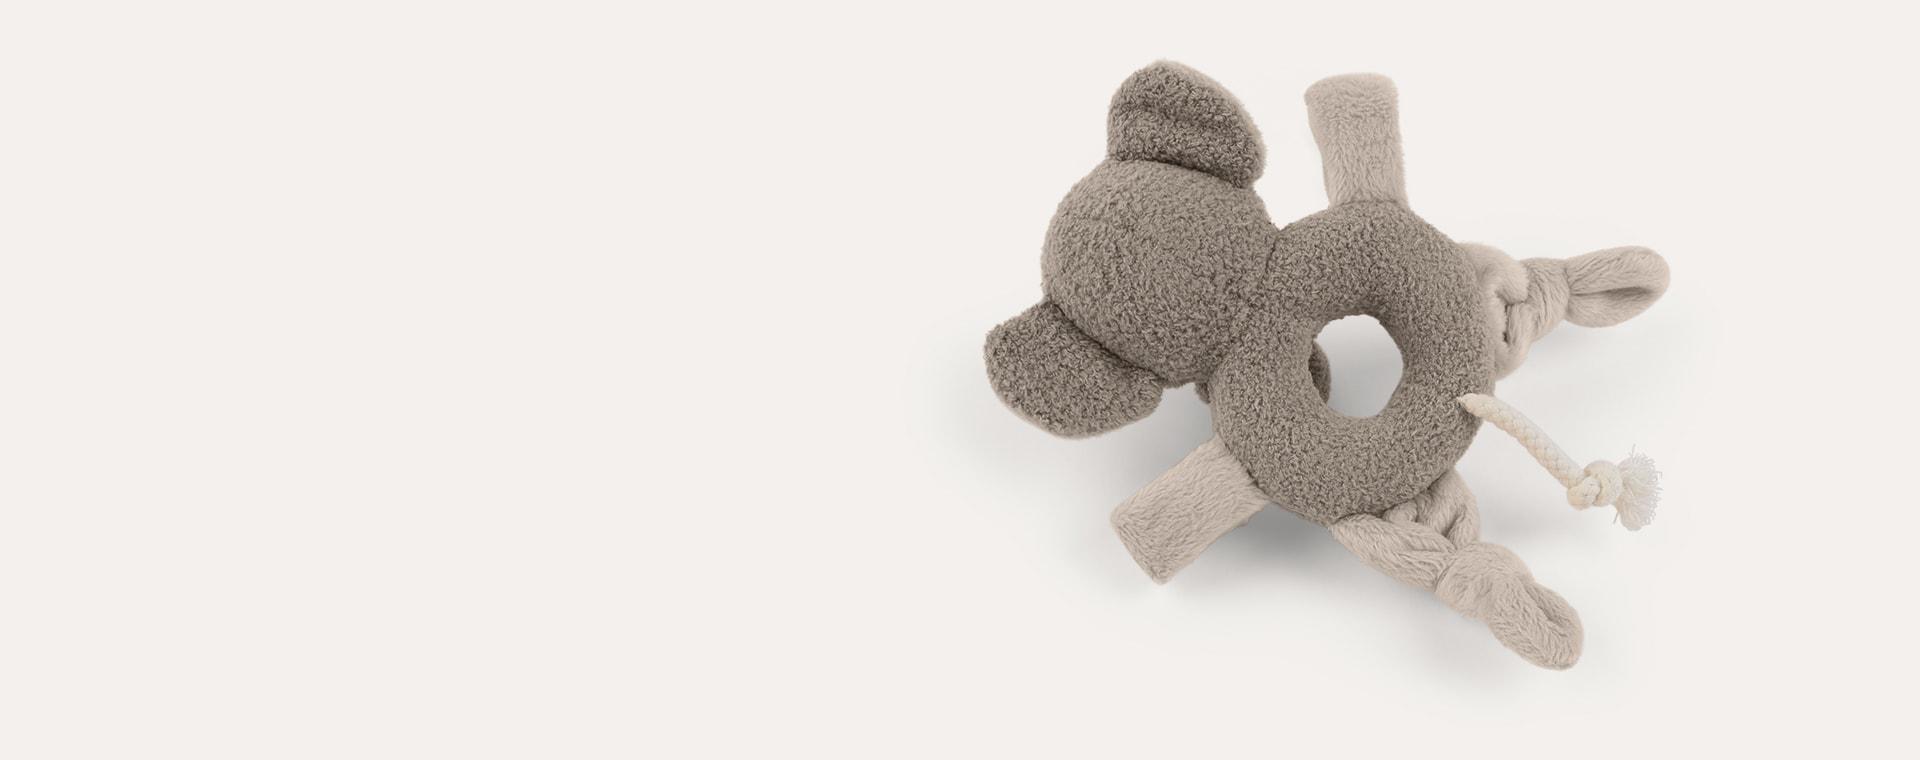 Ebu the Elephant WWF - Cub Club Grabber